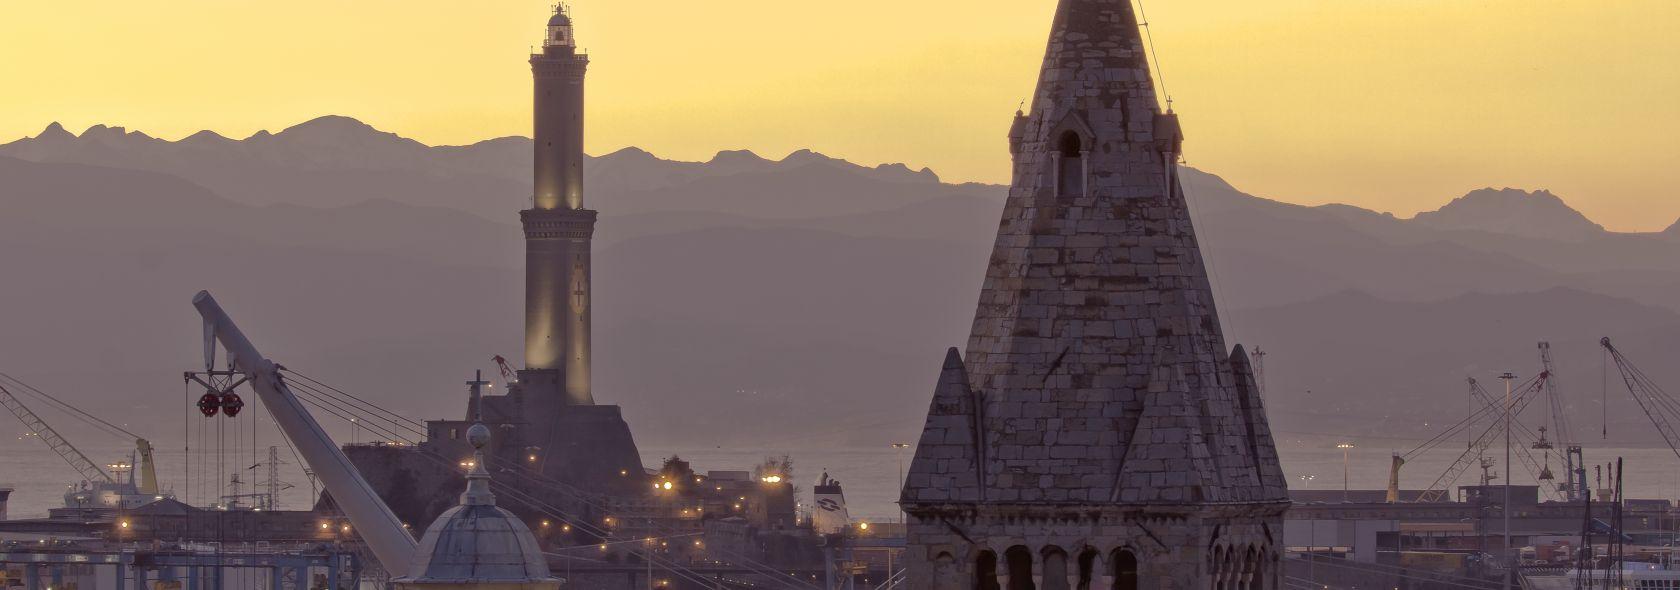 Il campanile di Santa Maria delle Vigne e la Lanterna sullo sfondo